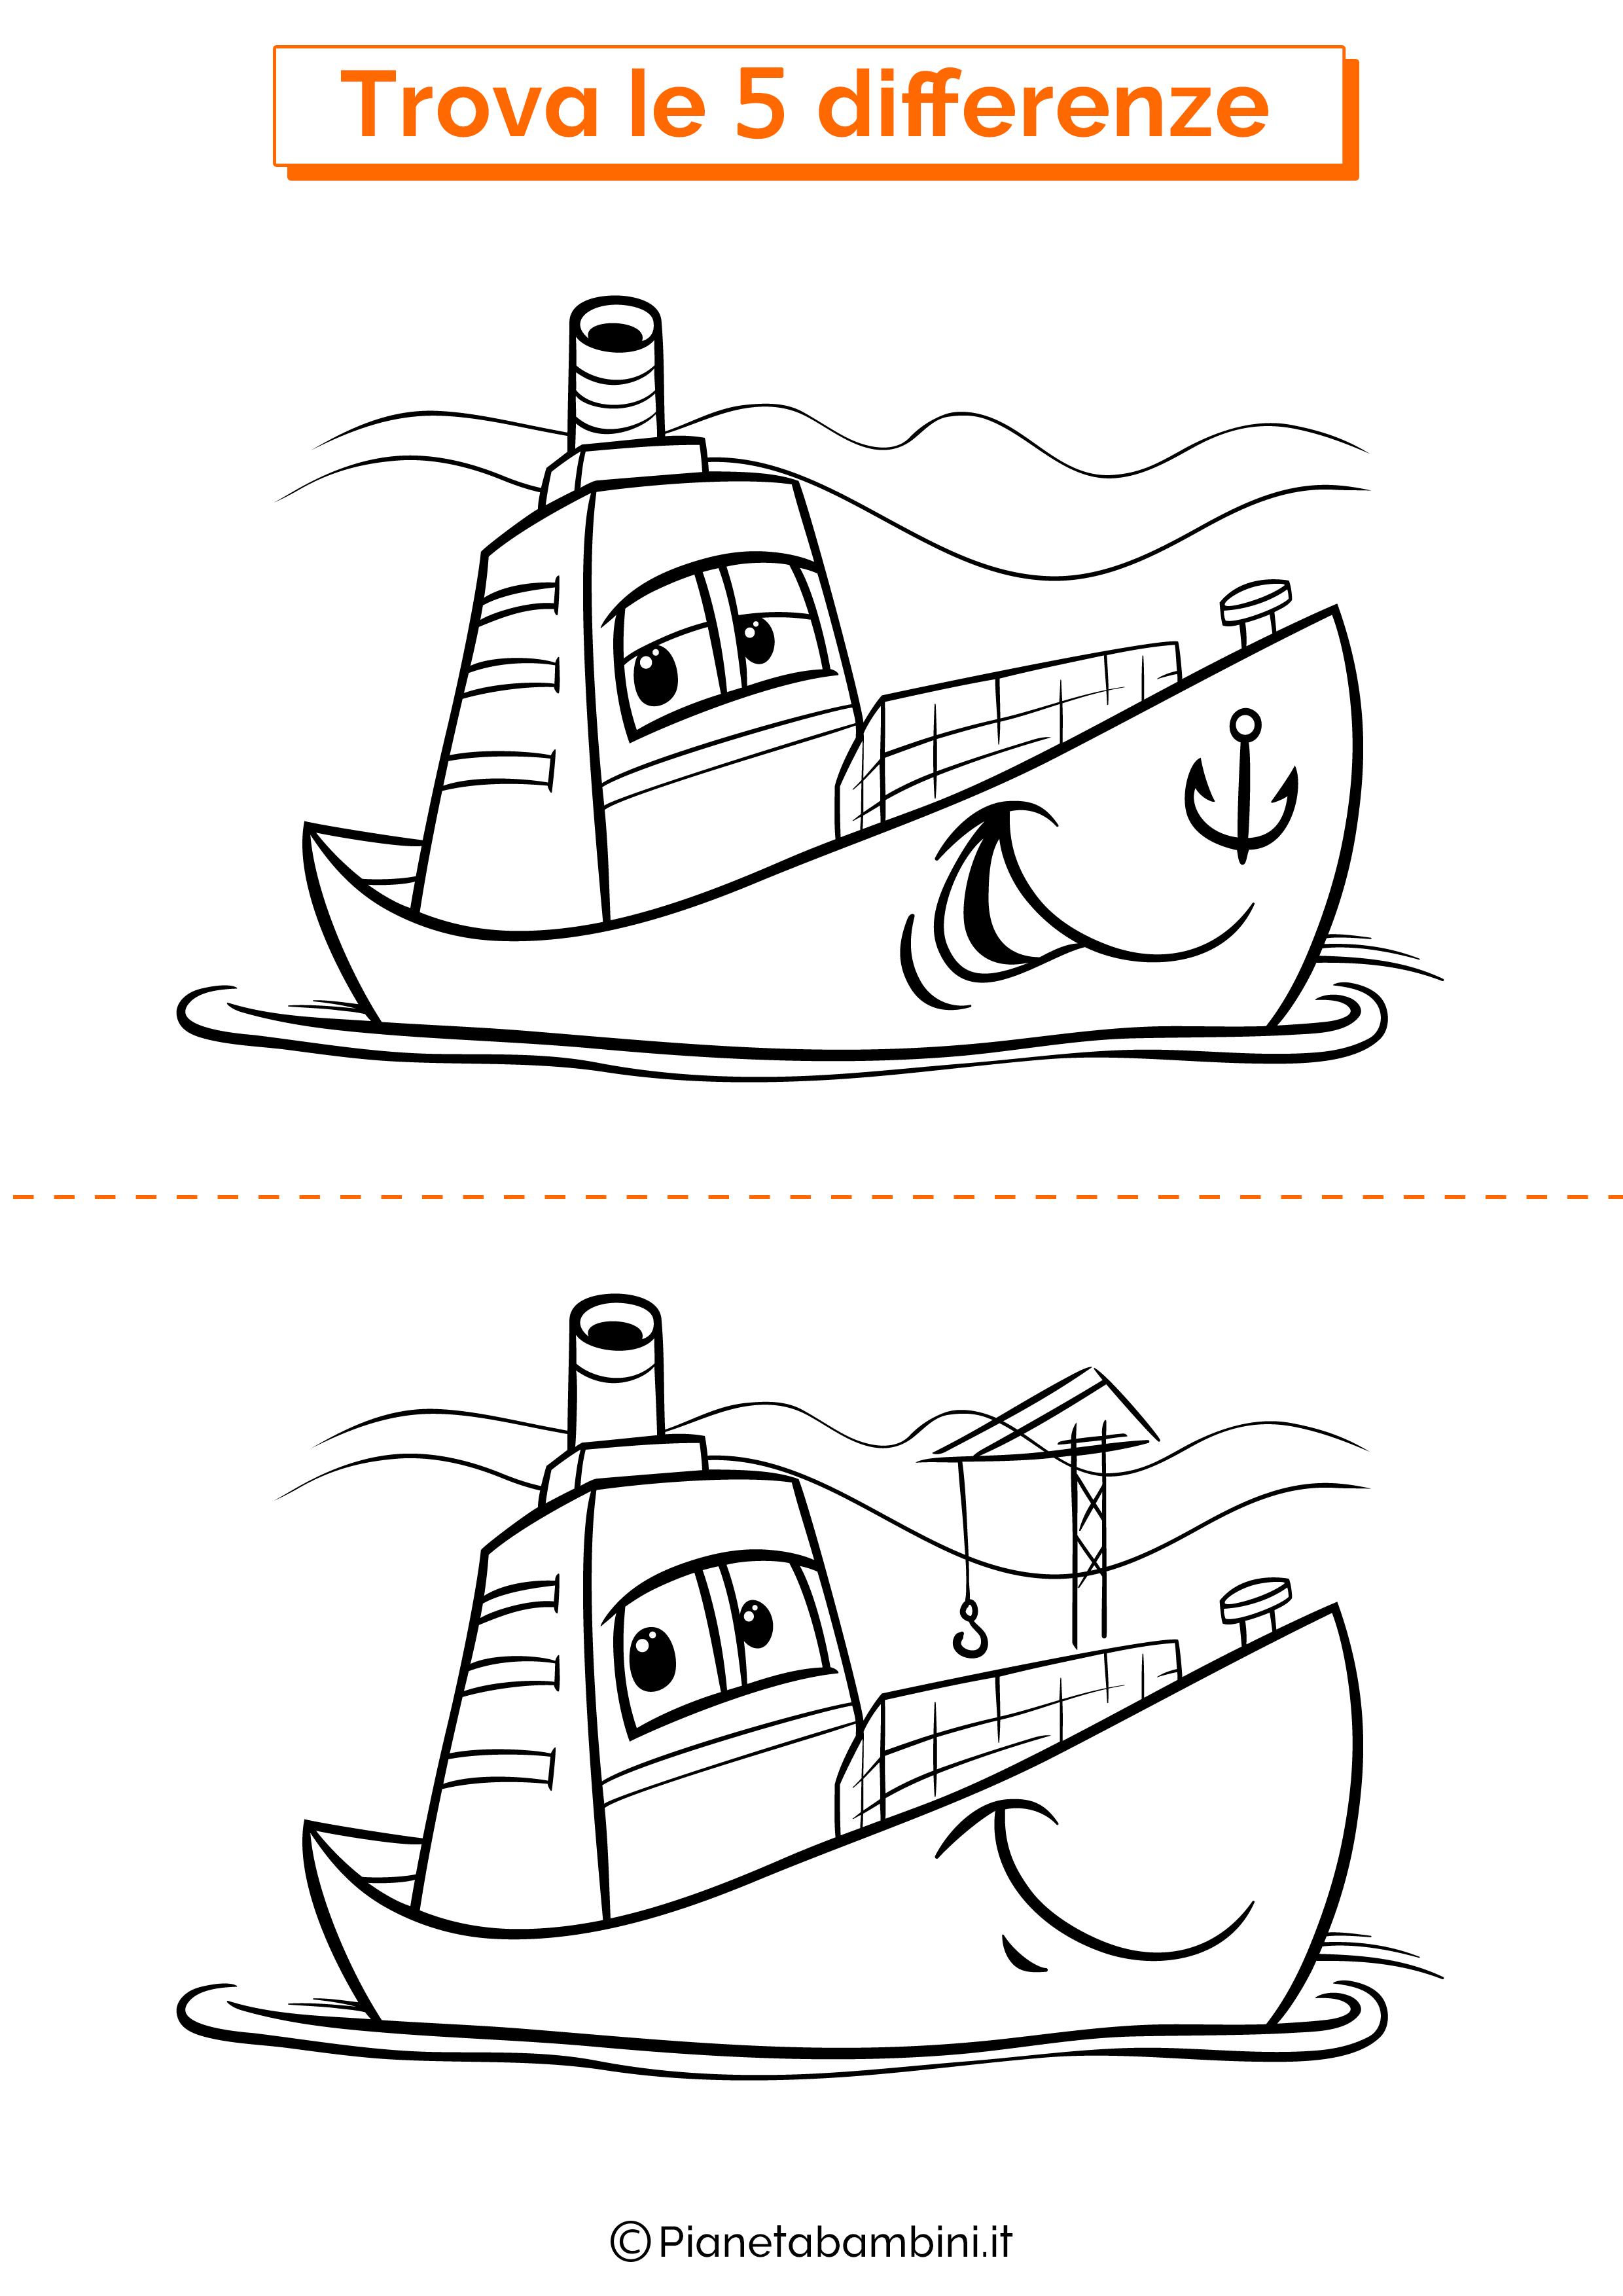 Disegno trova 5 differenze bambino e barca